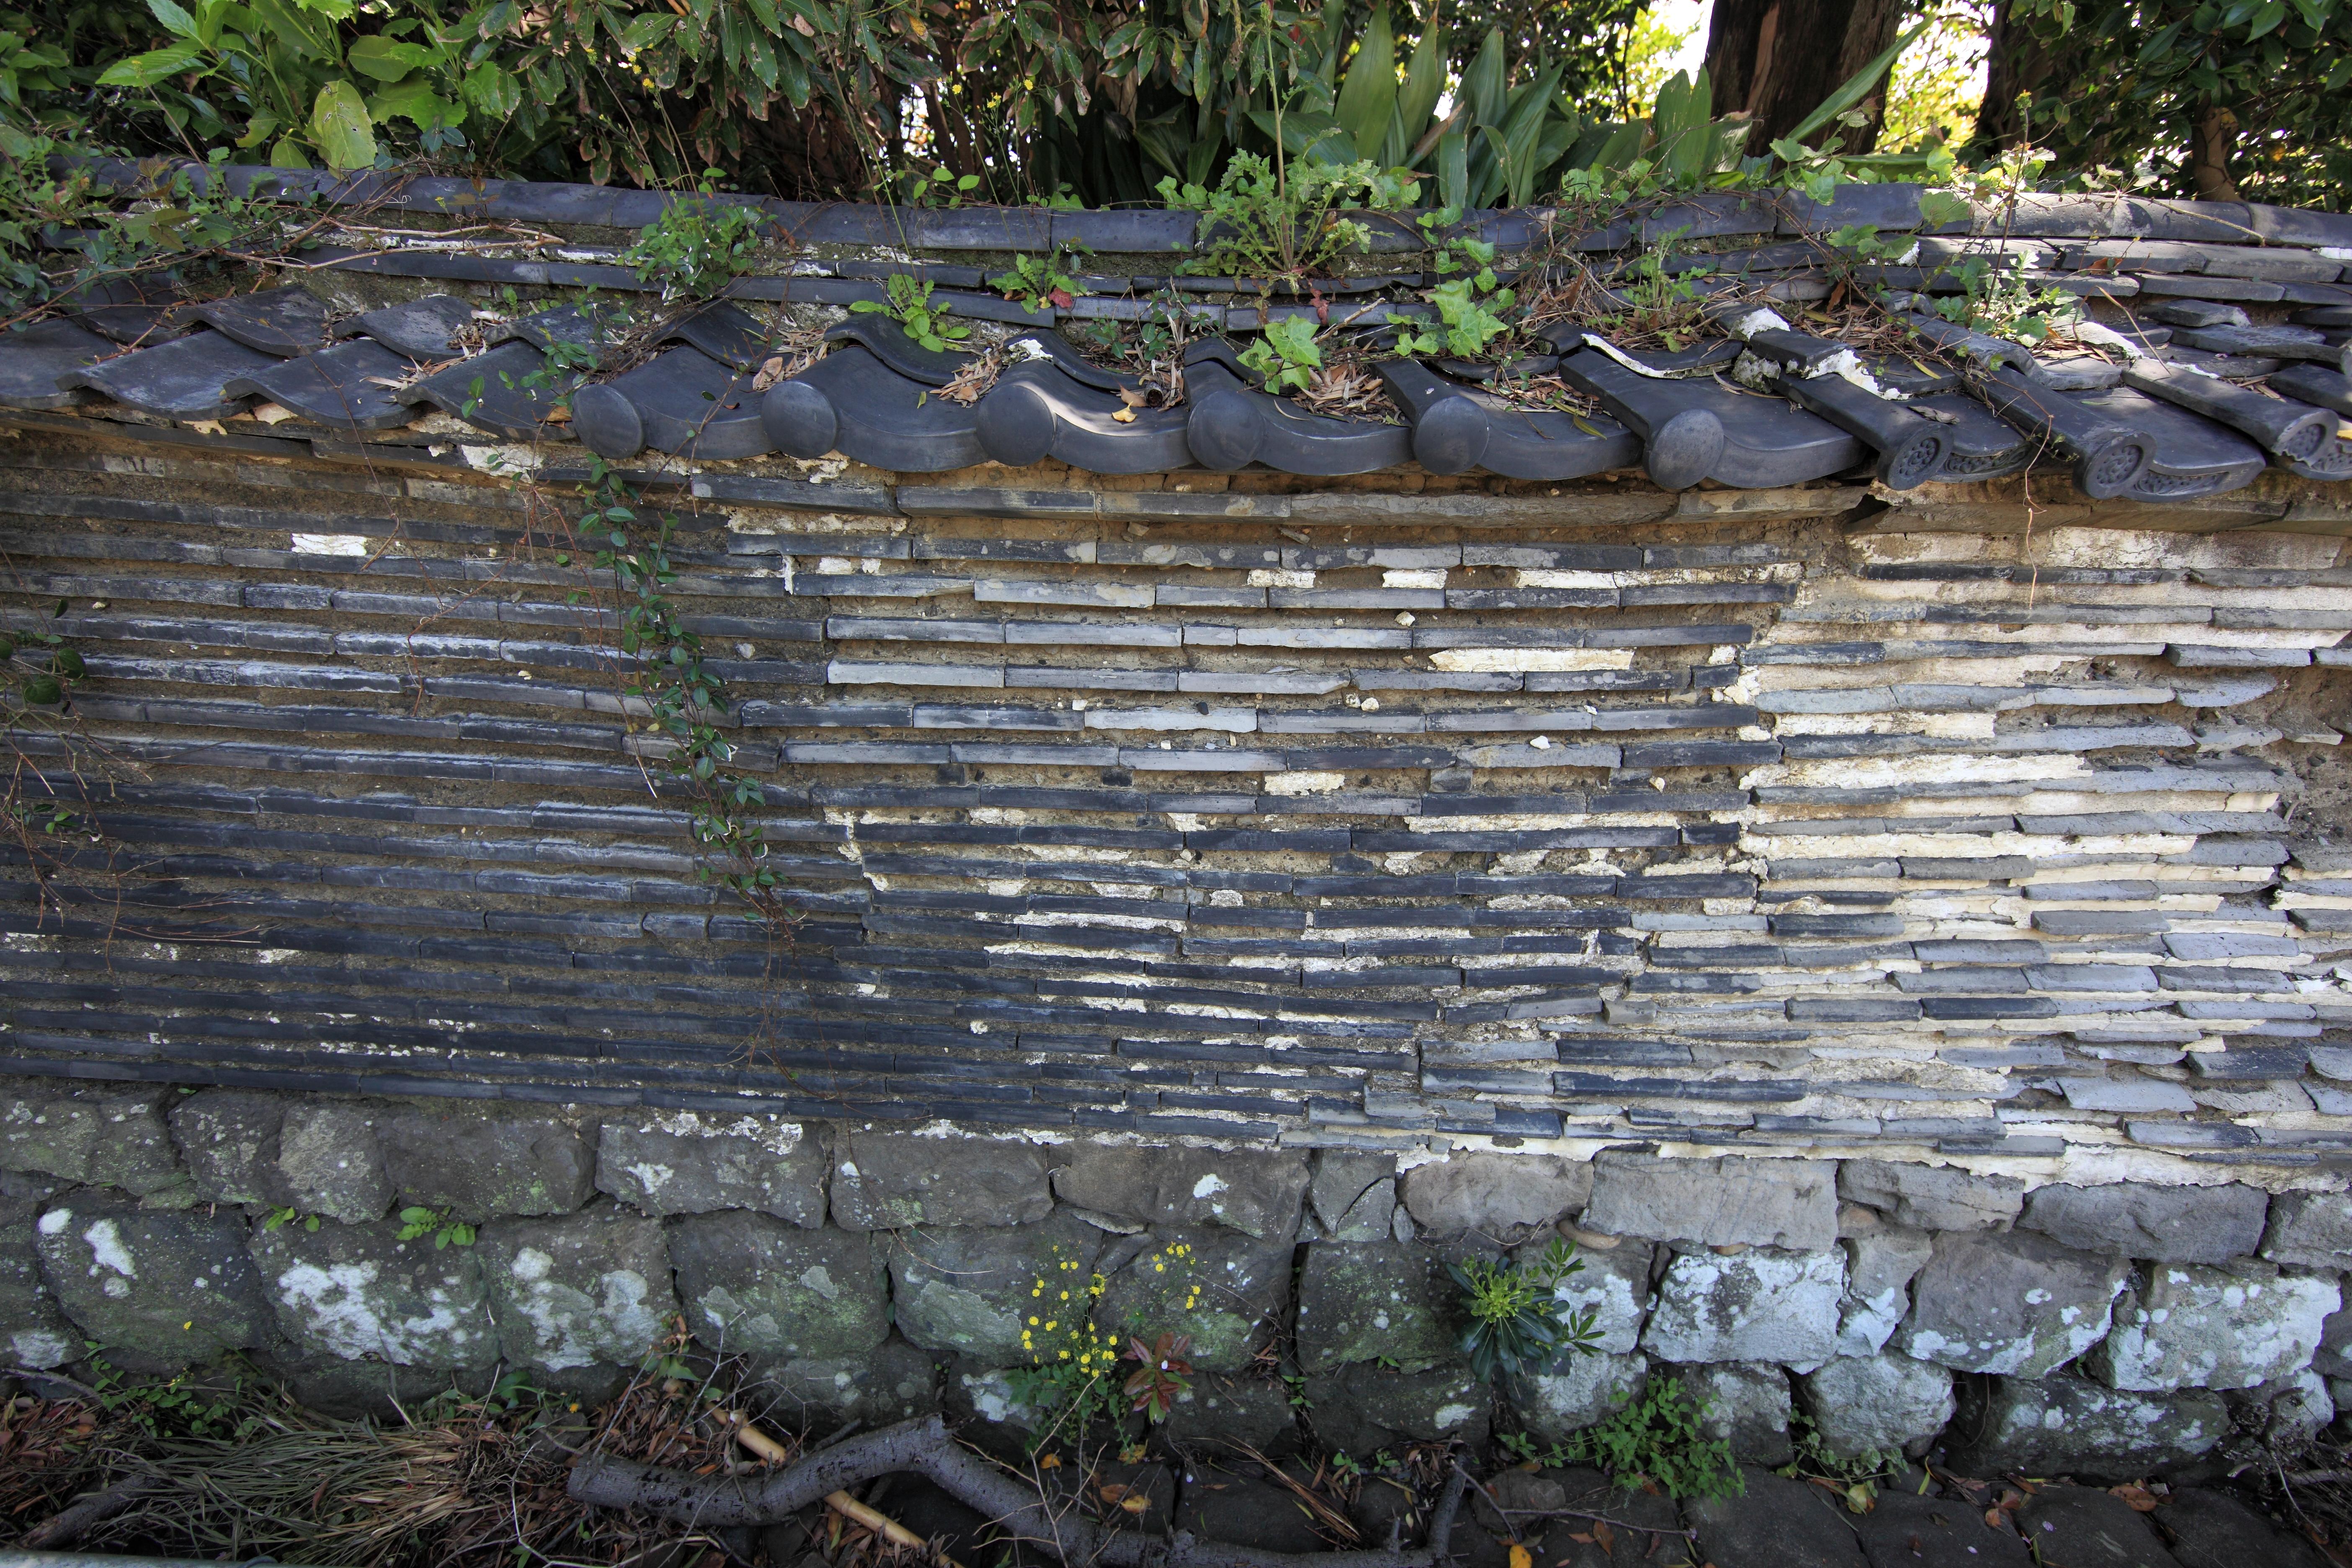 Kostenlose foto Rock Zaun Holz Mauer Gehweg Teich hoch